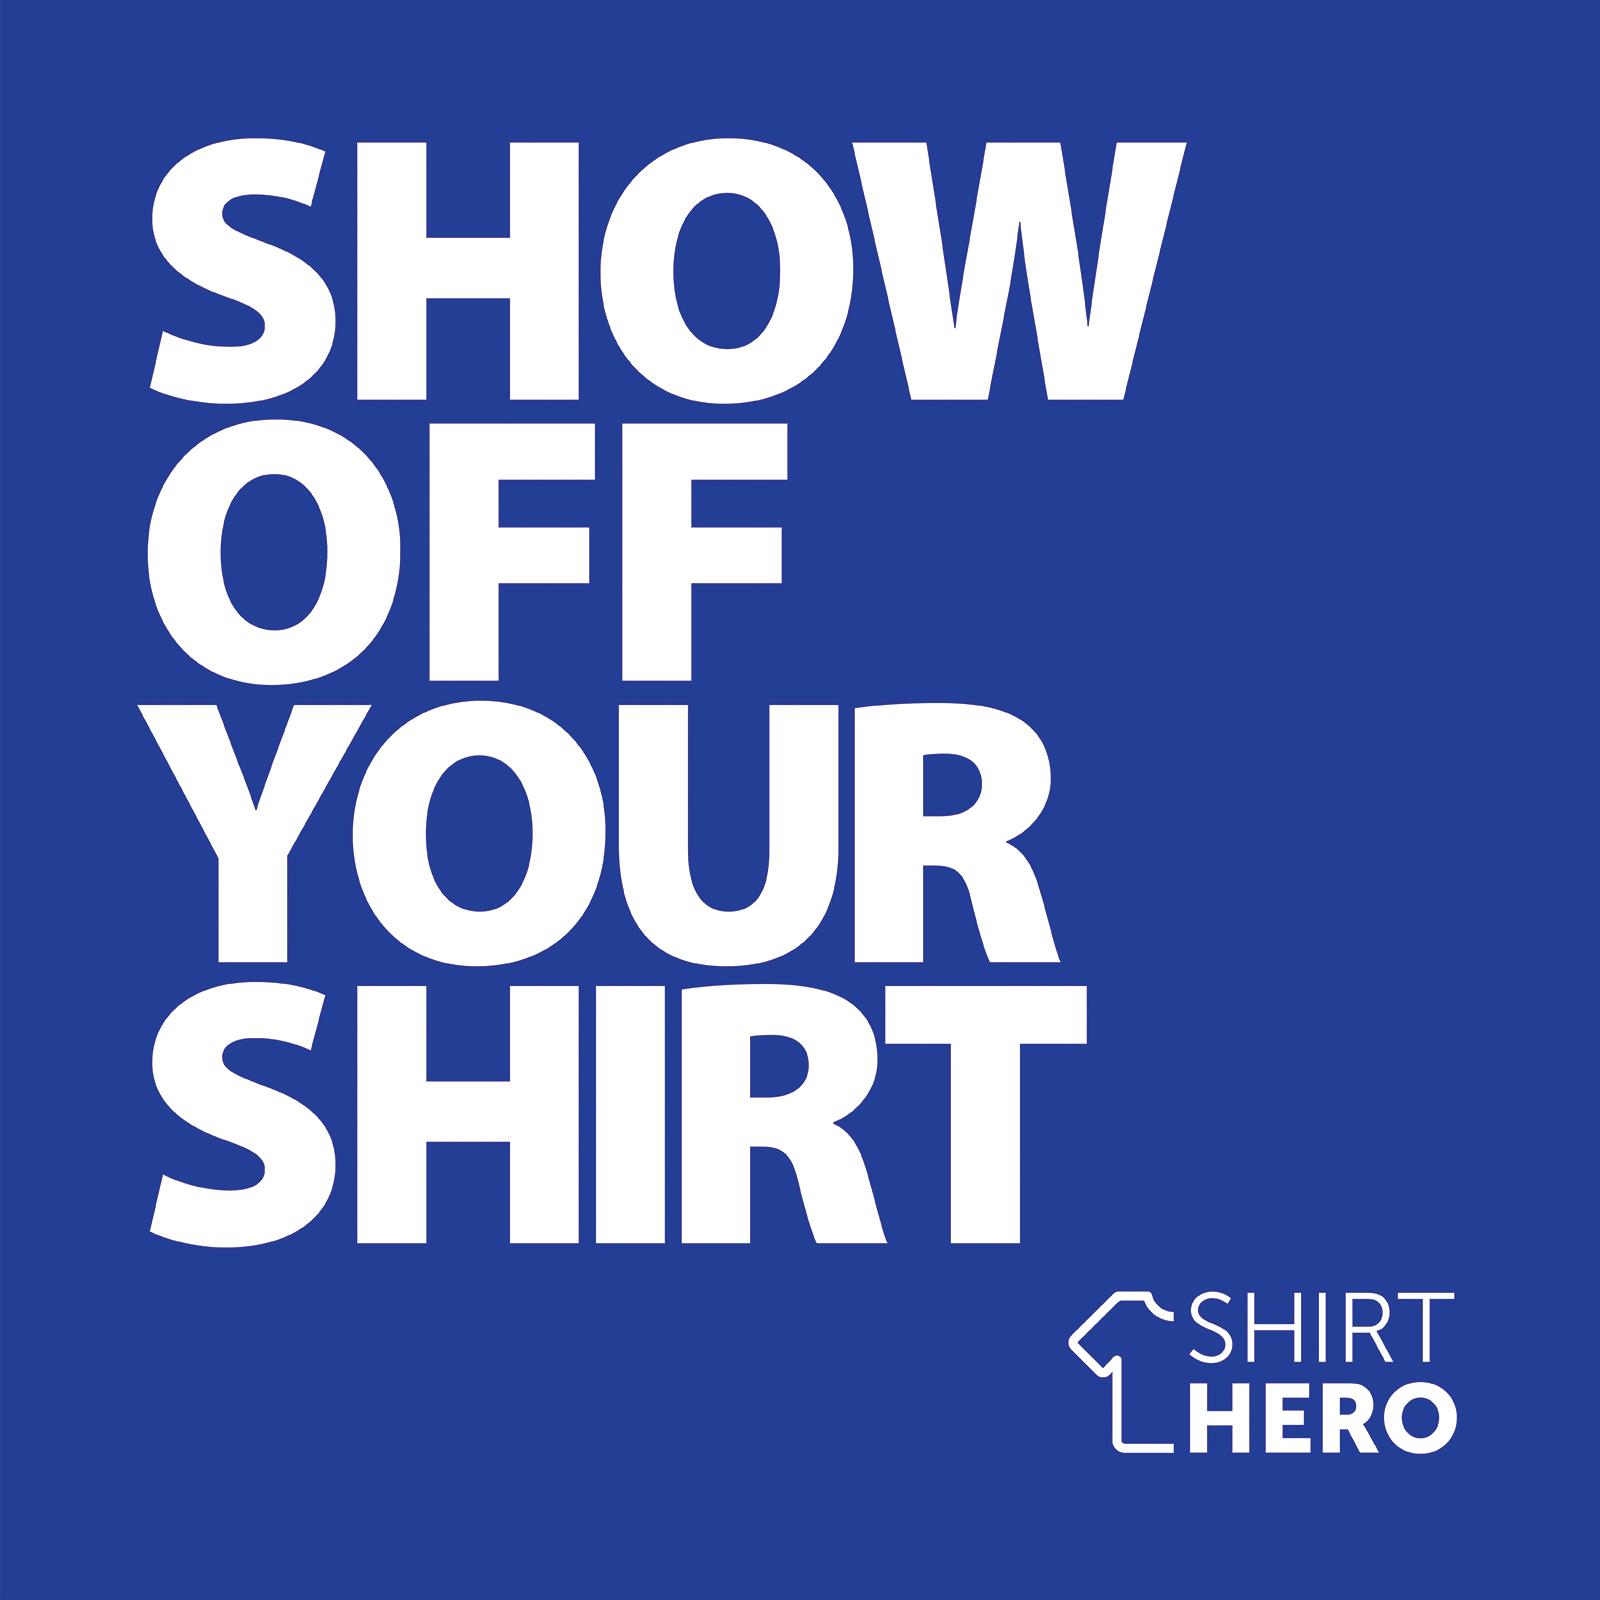 SHIRT HERO Shirt Display 3 PACK (Blue & White)